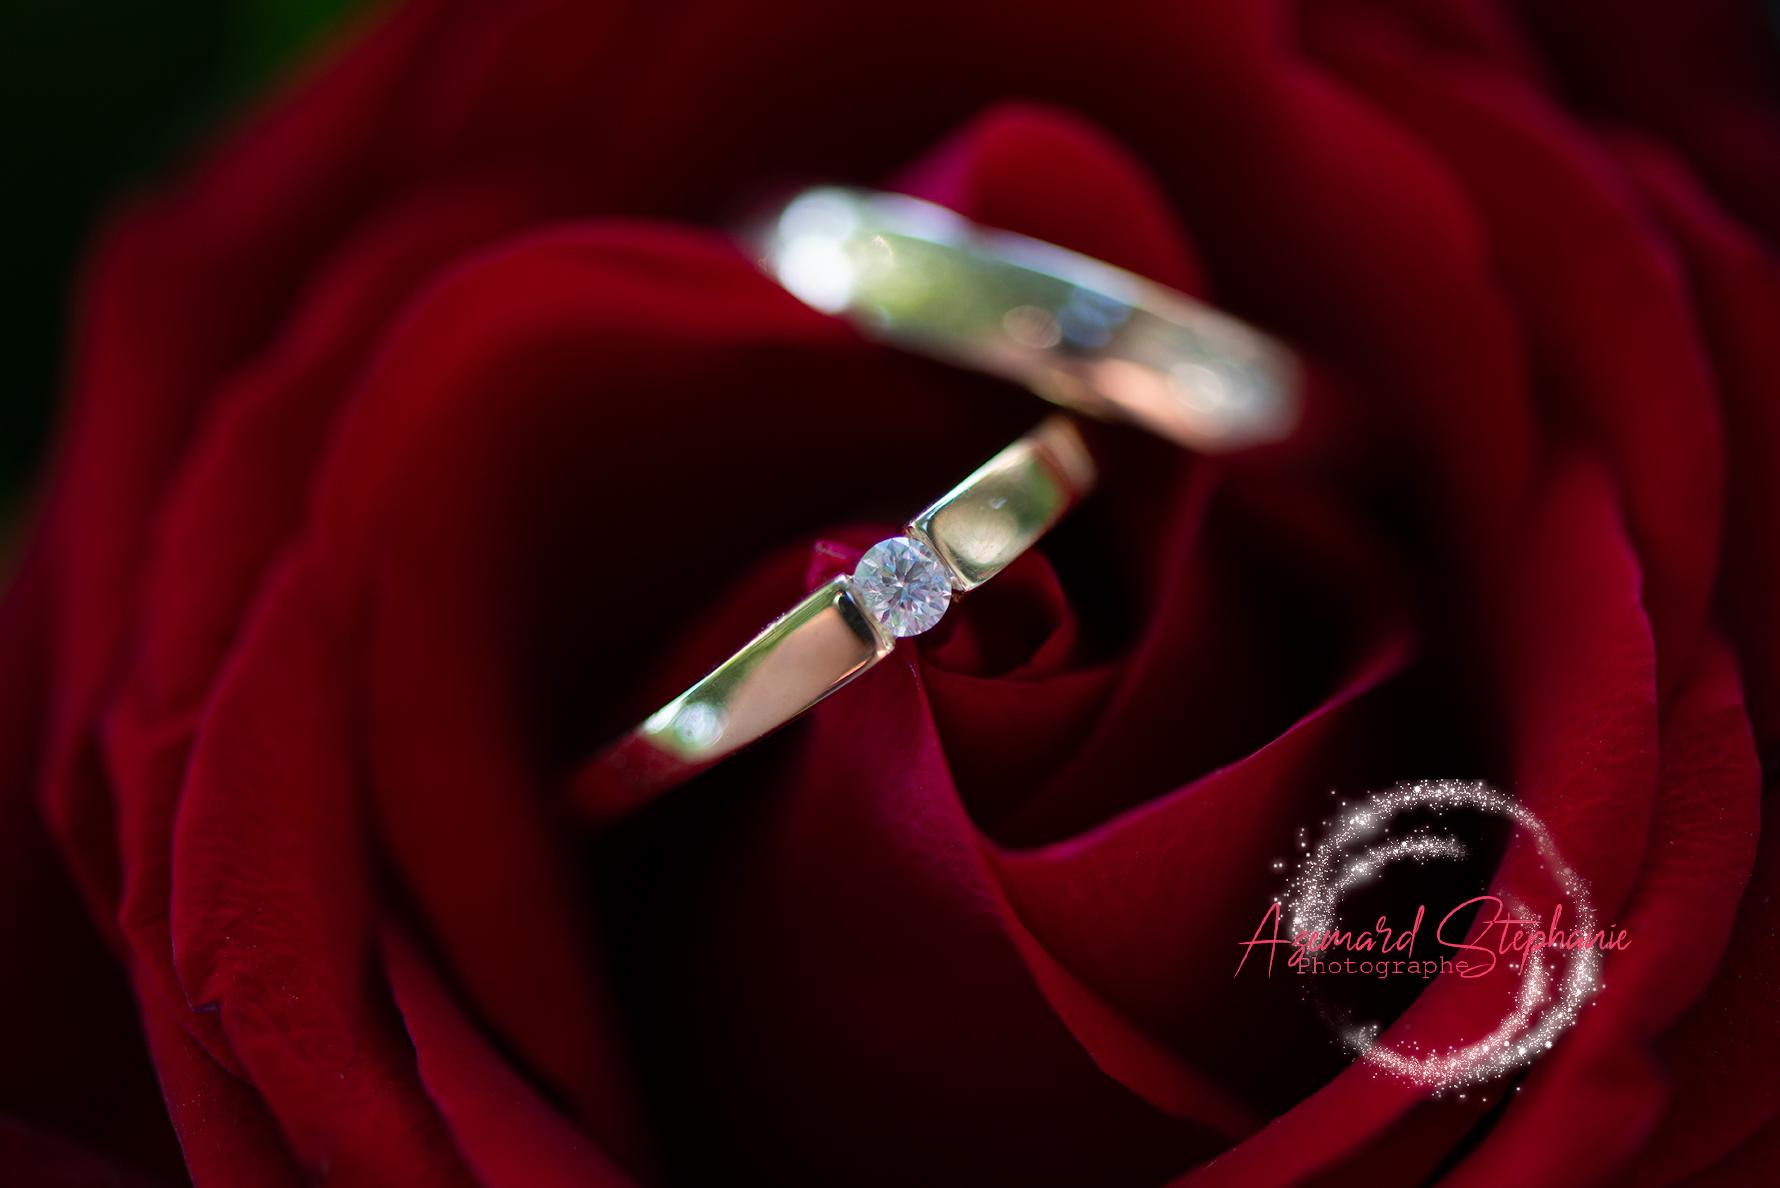 Alliance de mariage sur une rose rouge. Azemard Stéphanie photographe de mariage dans l'Hérault